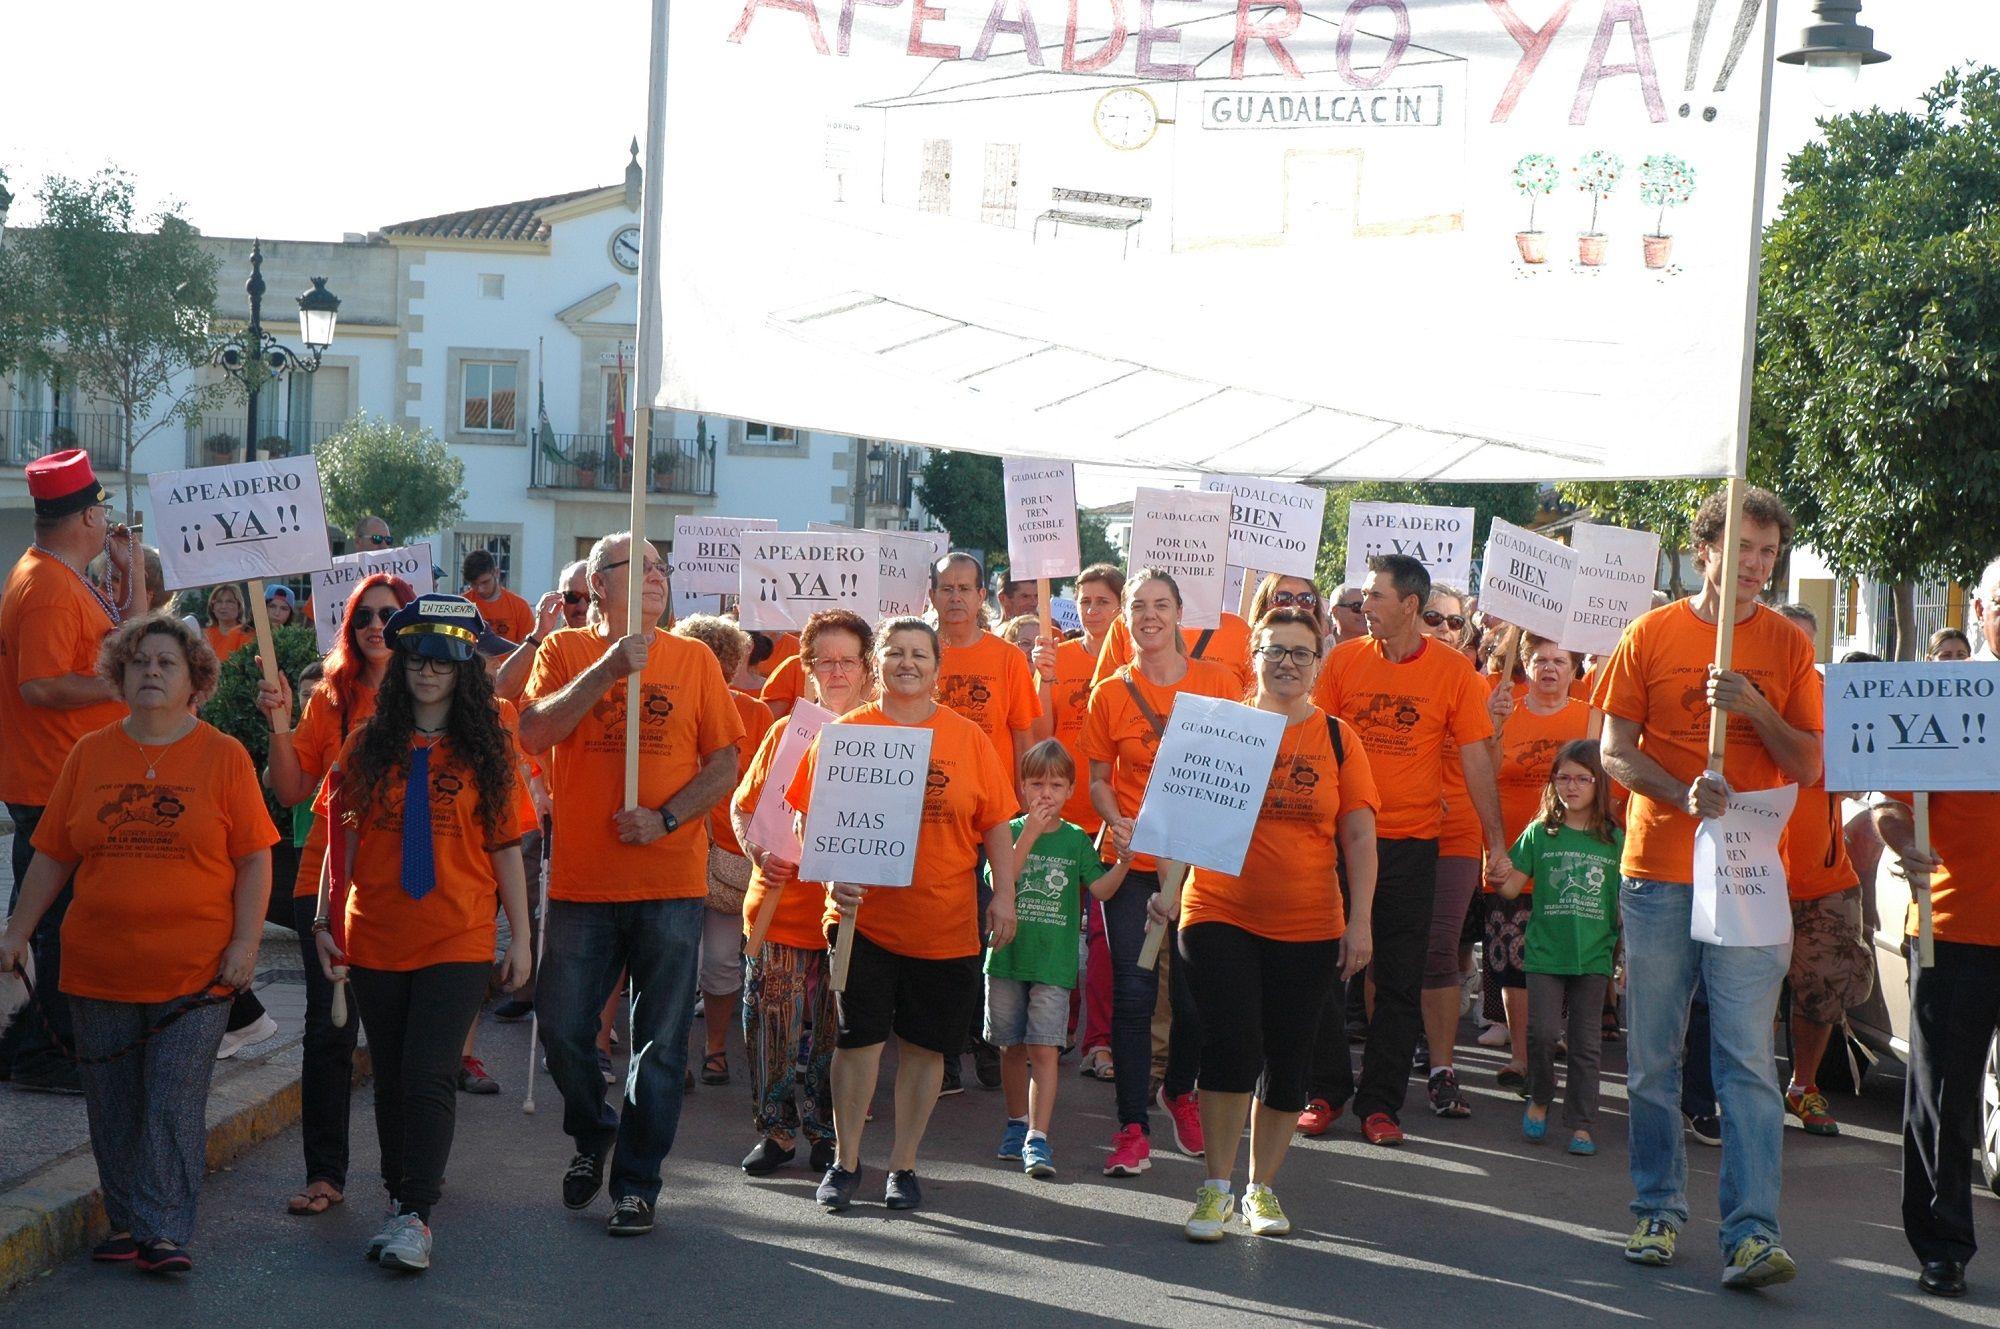 Marcha Apeadero Guada 2